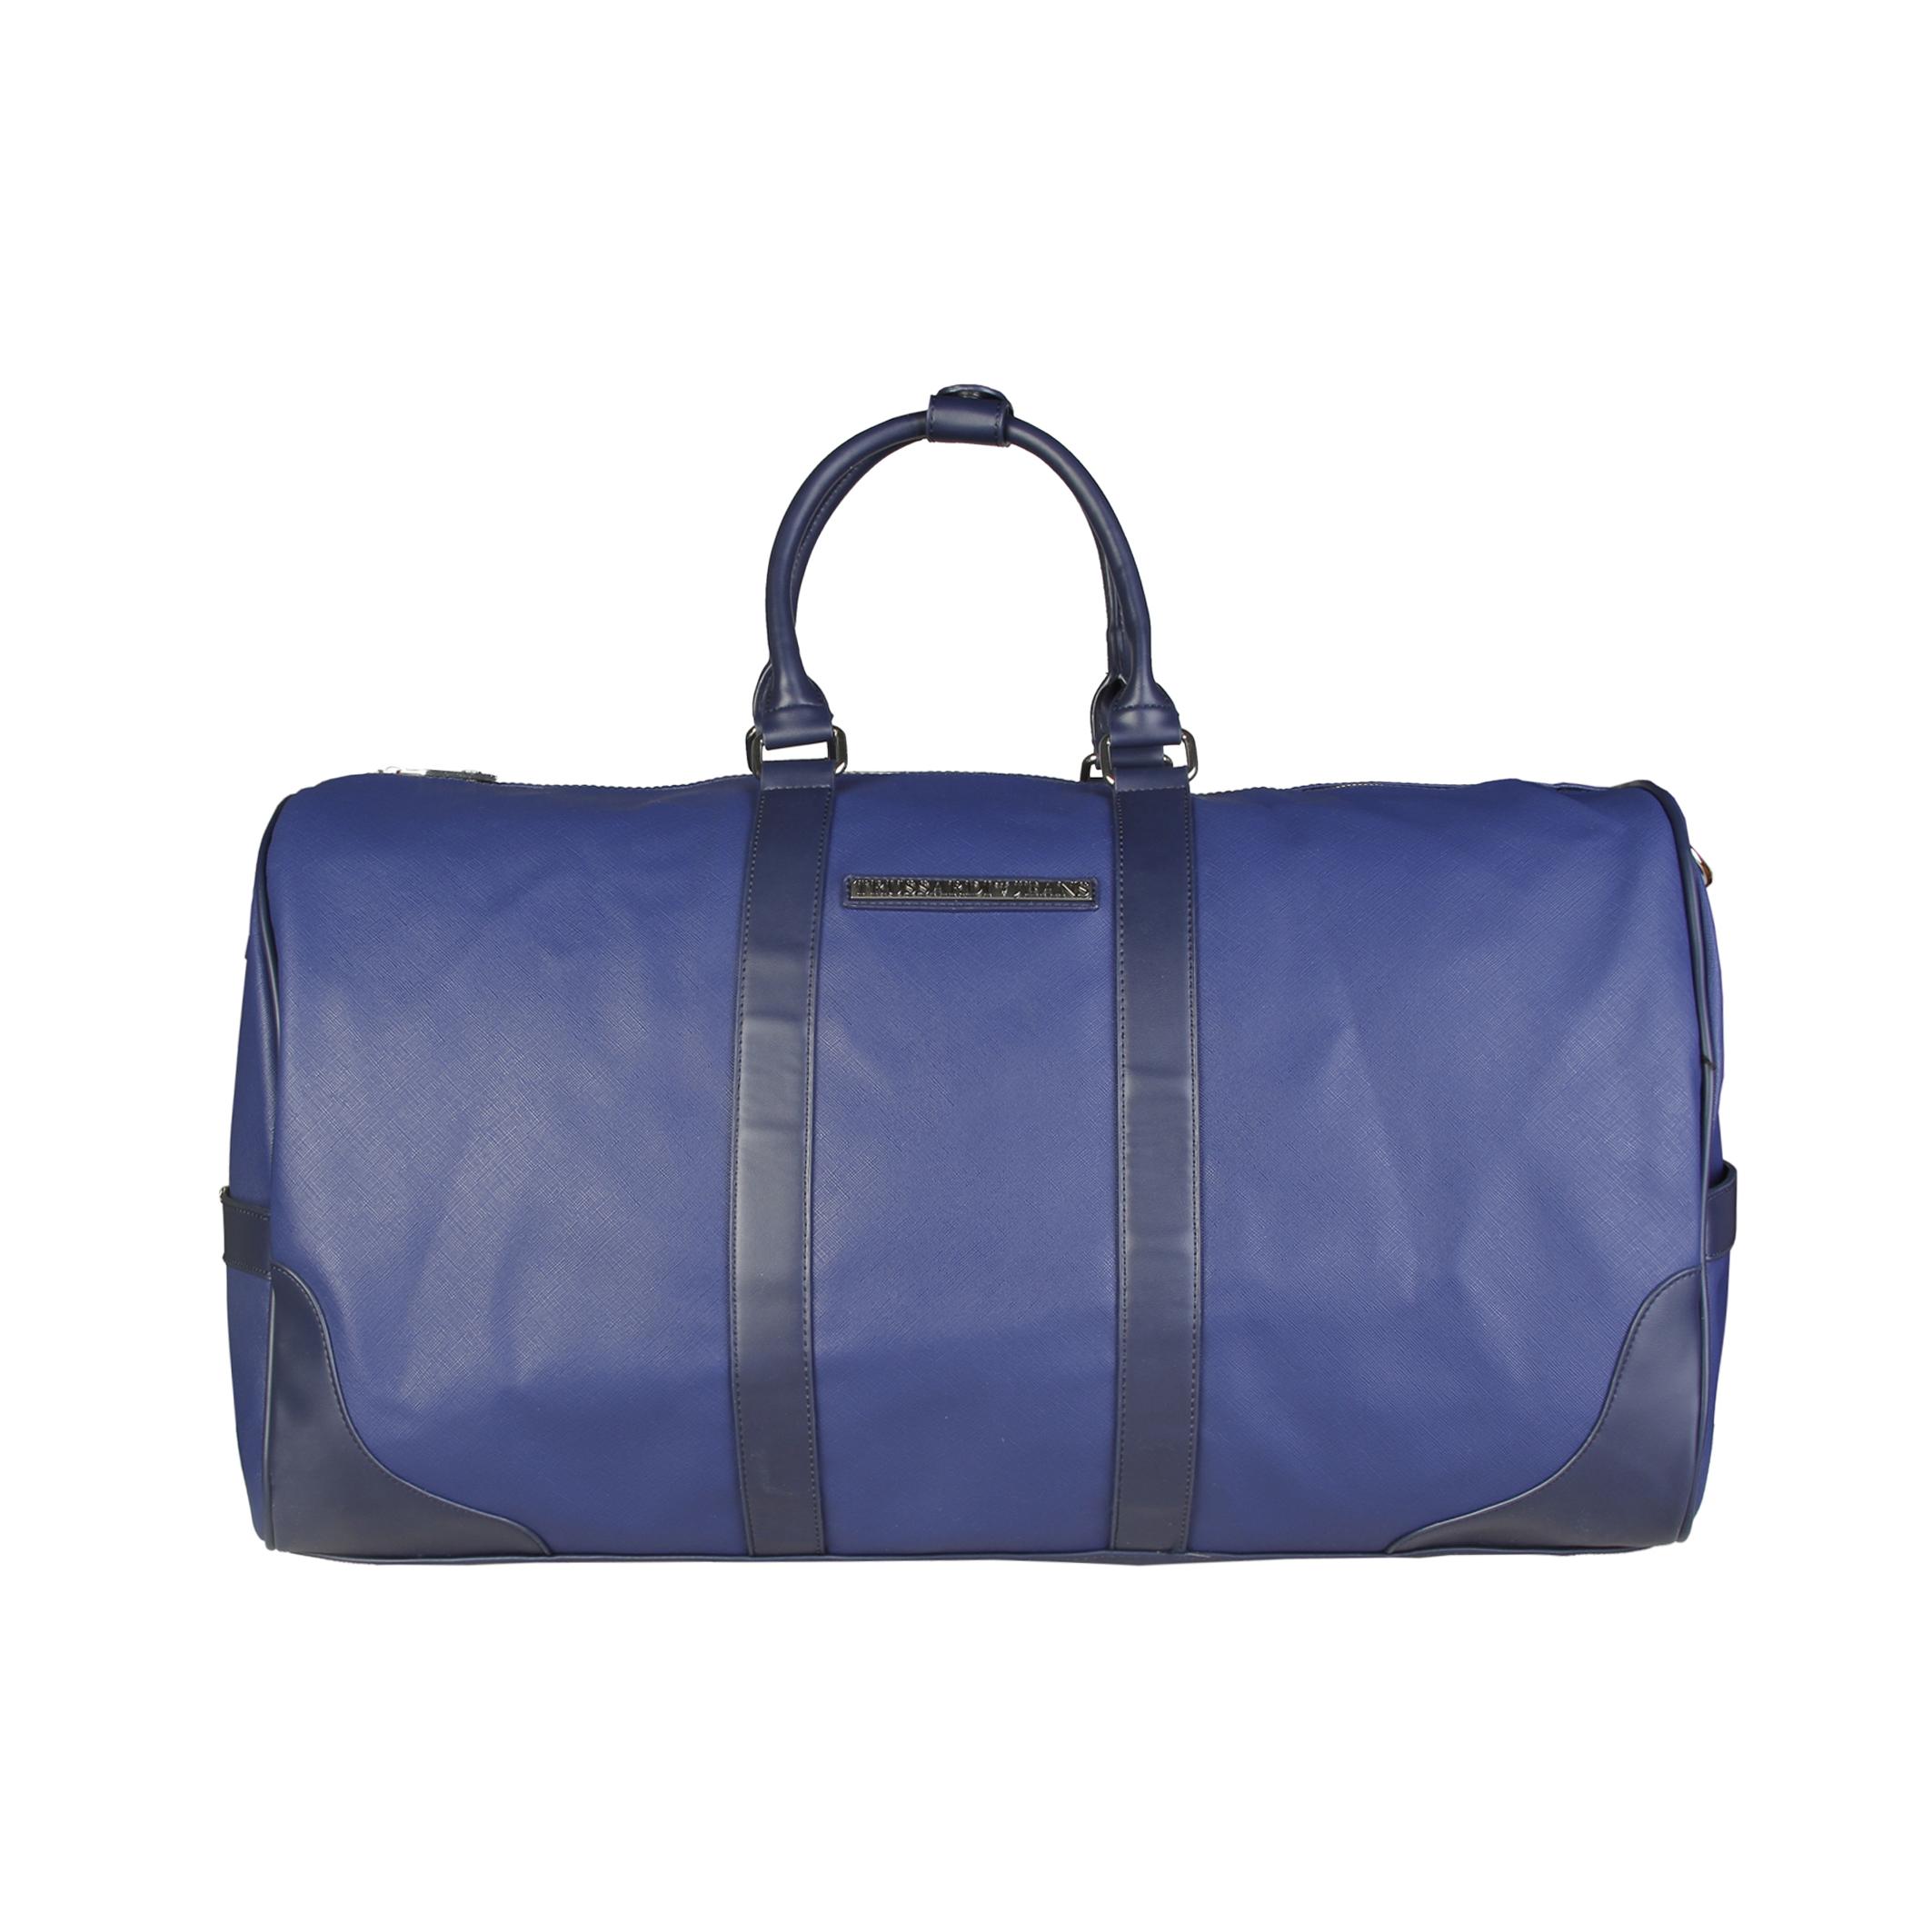 Sacs / Portefeuilles  Trussardi 71B993T blue